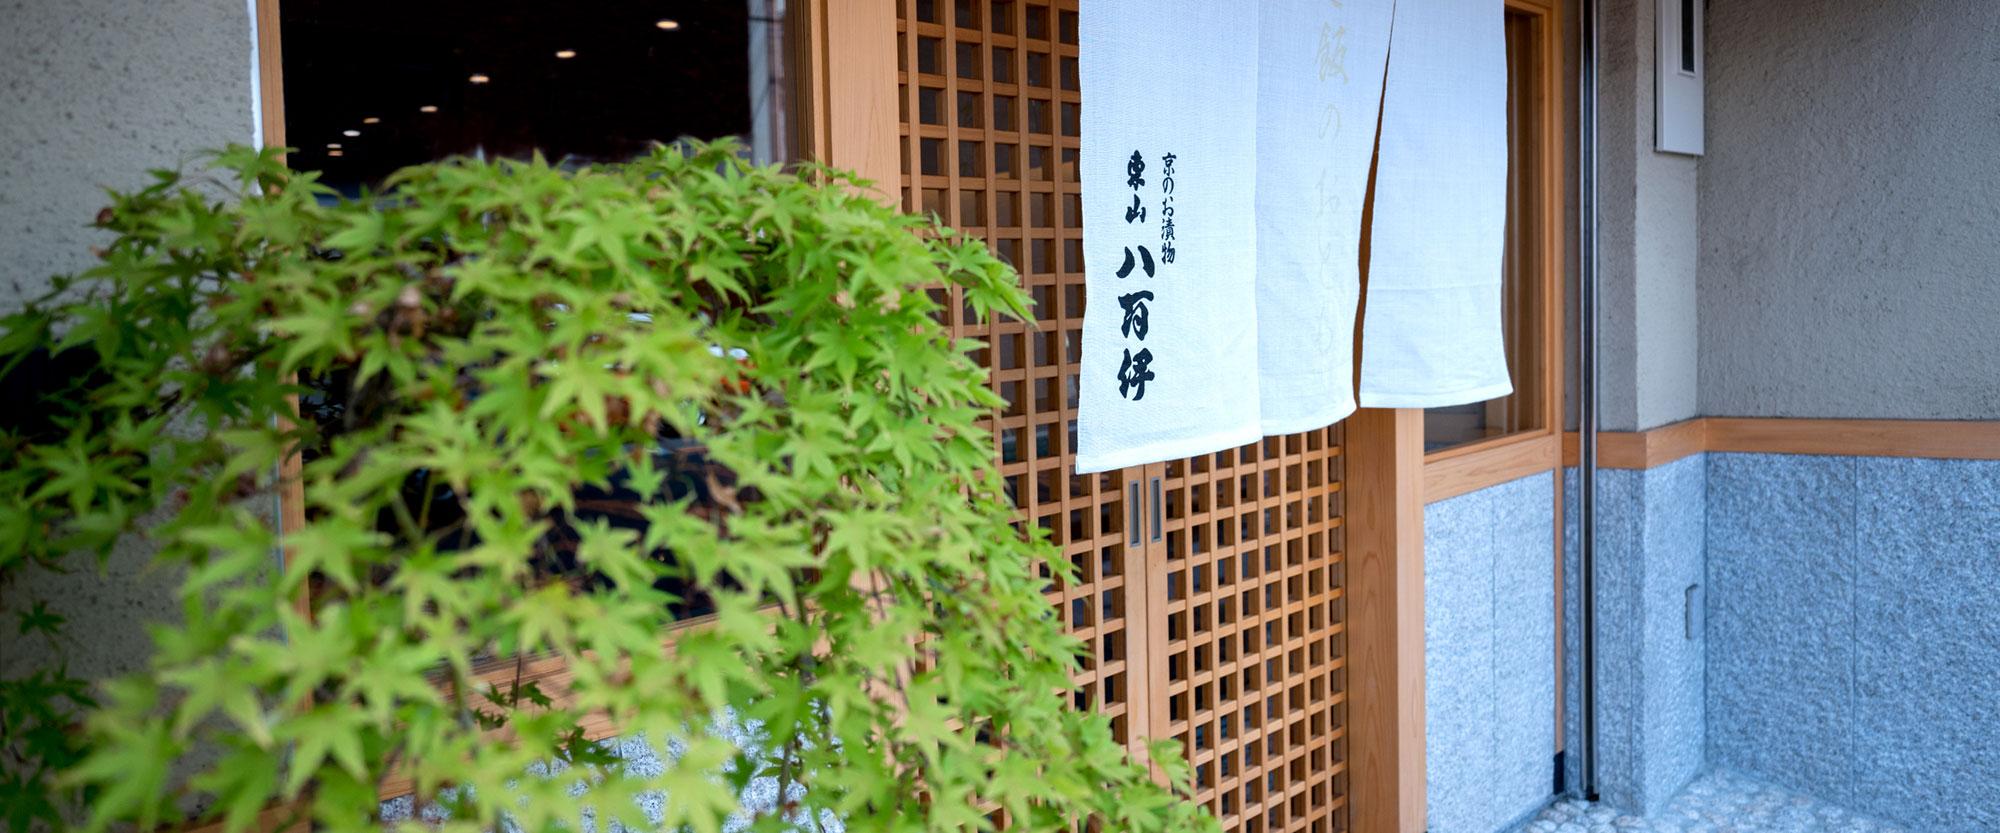 京都の漬物店東山八百伊